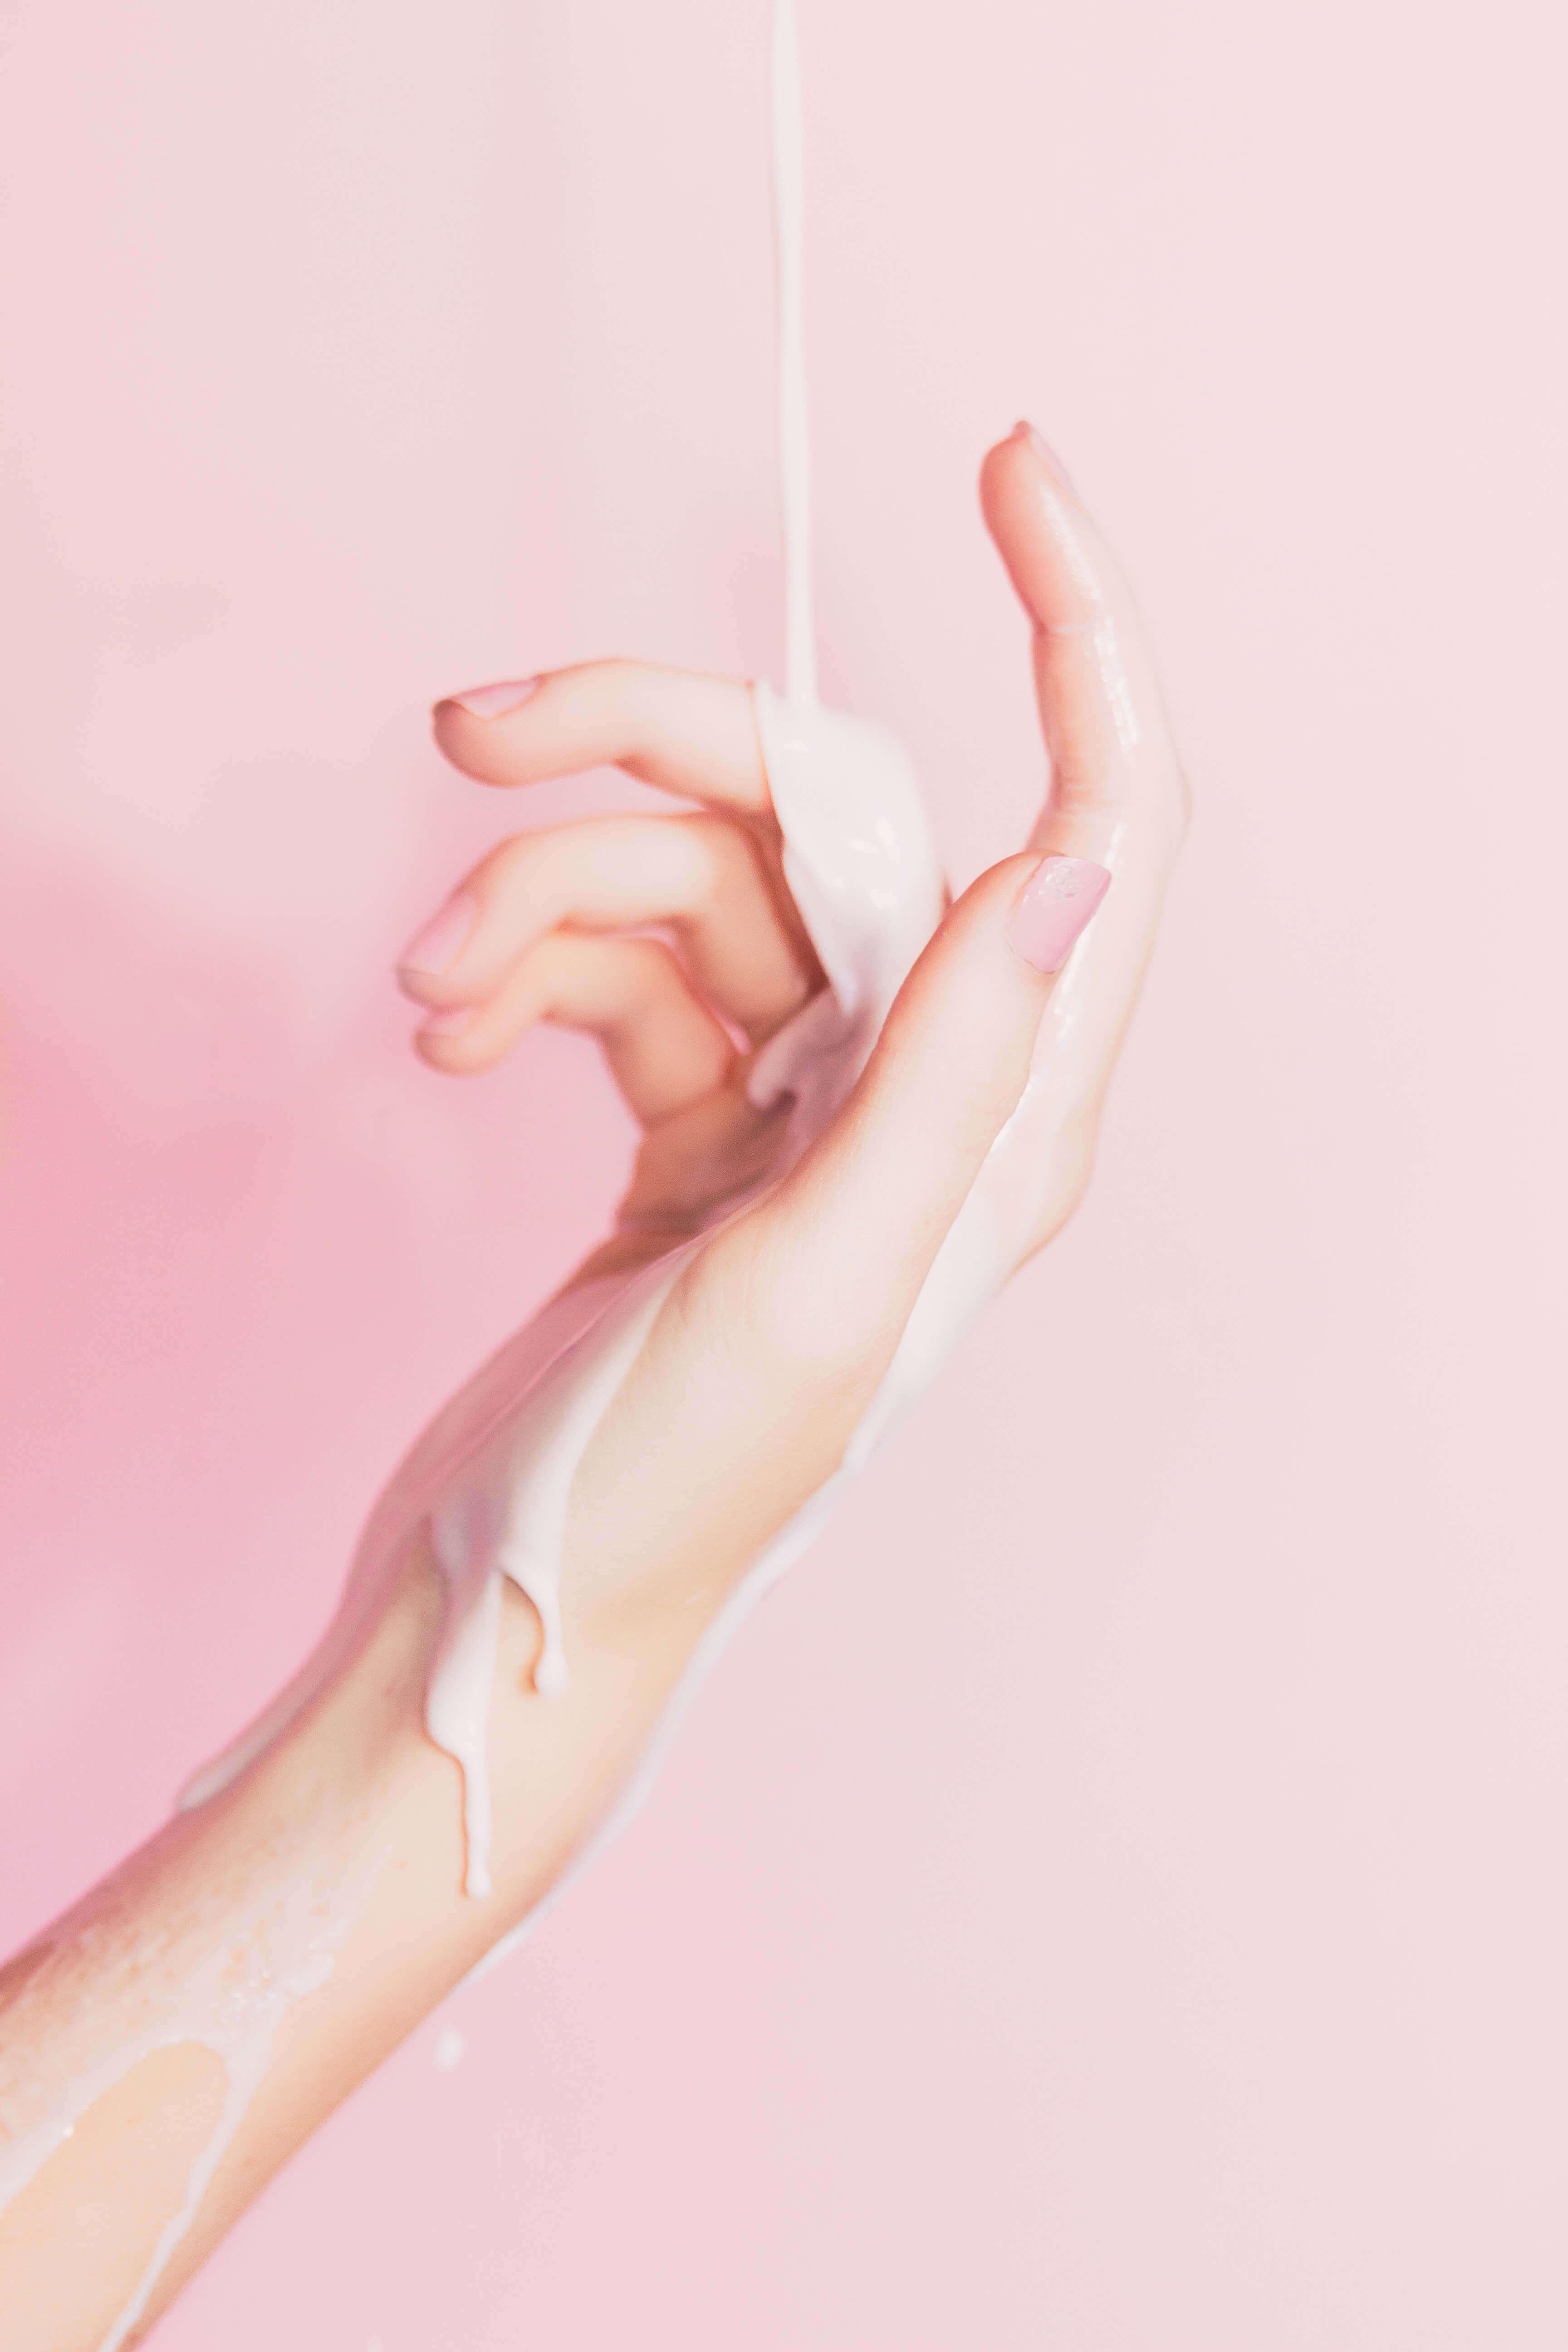 Winterpflege Creme läuft über eine Hand mit schönen Fingernägeln in Rosa. Im Hintergrund eine passende Rosafarbene Wand